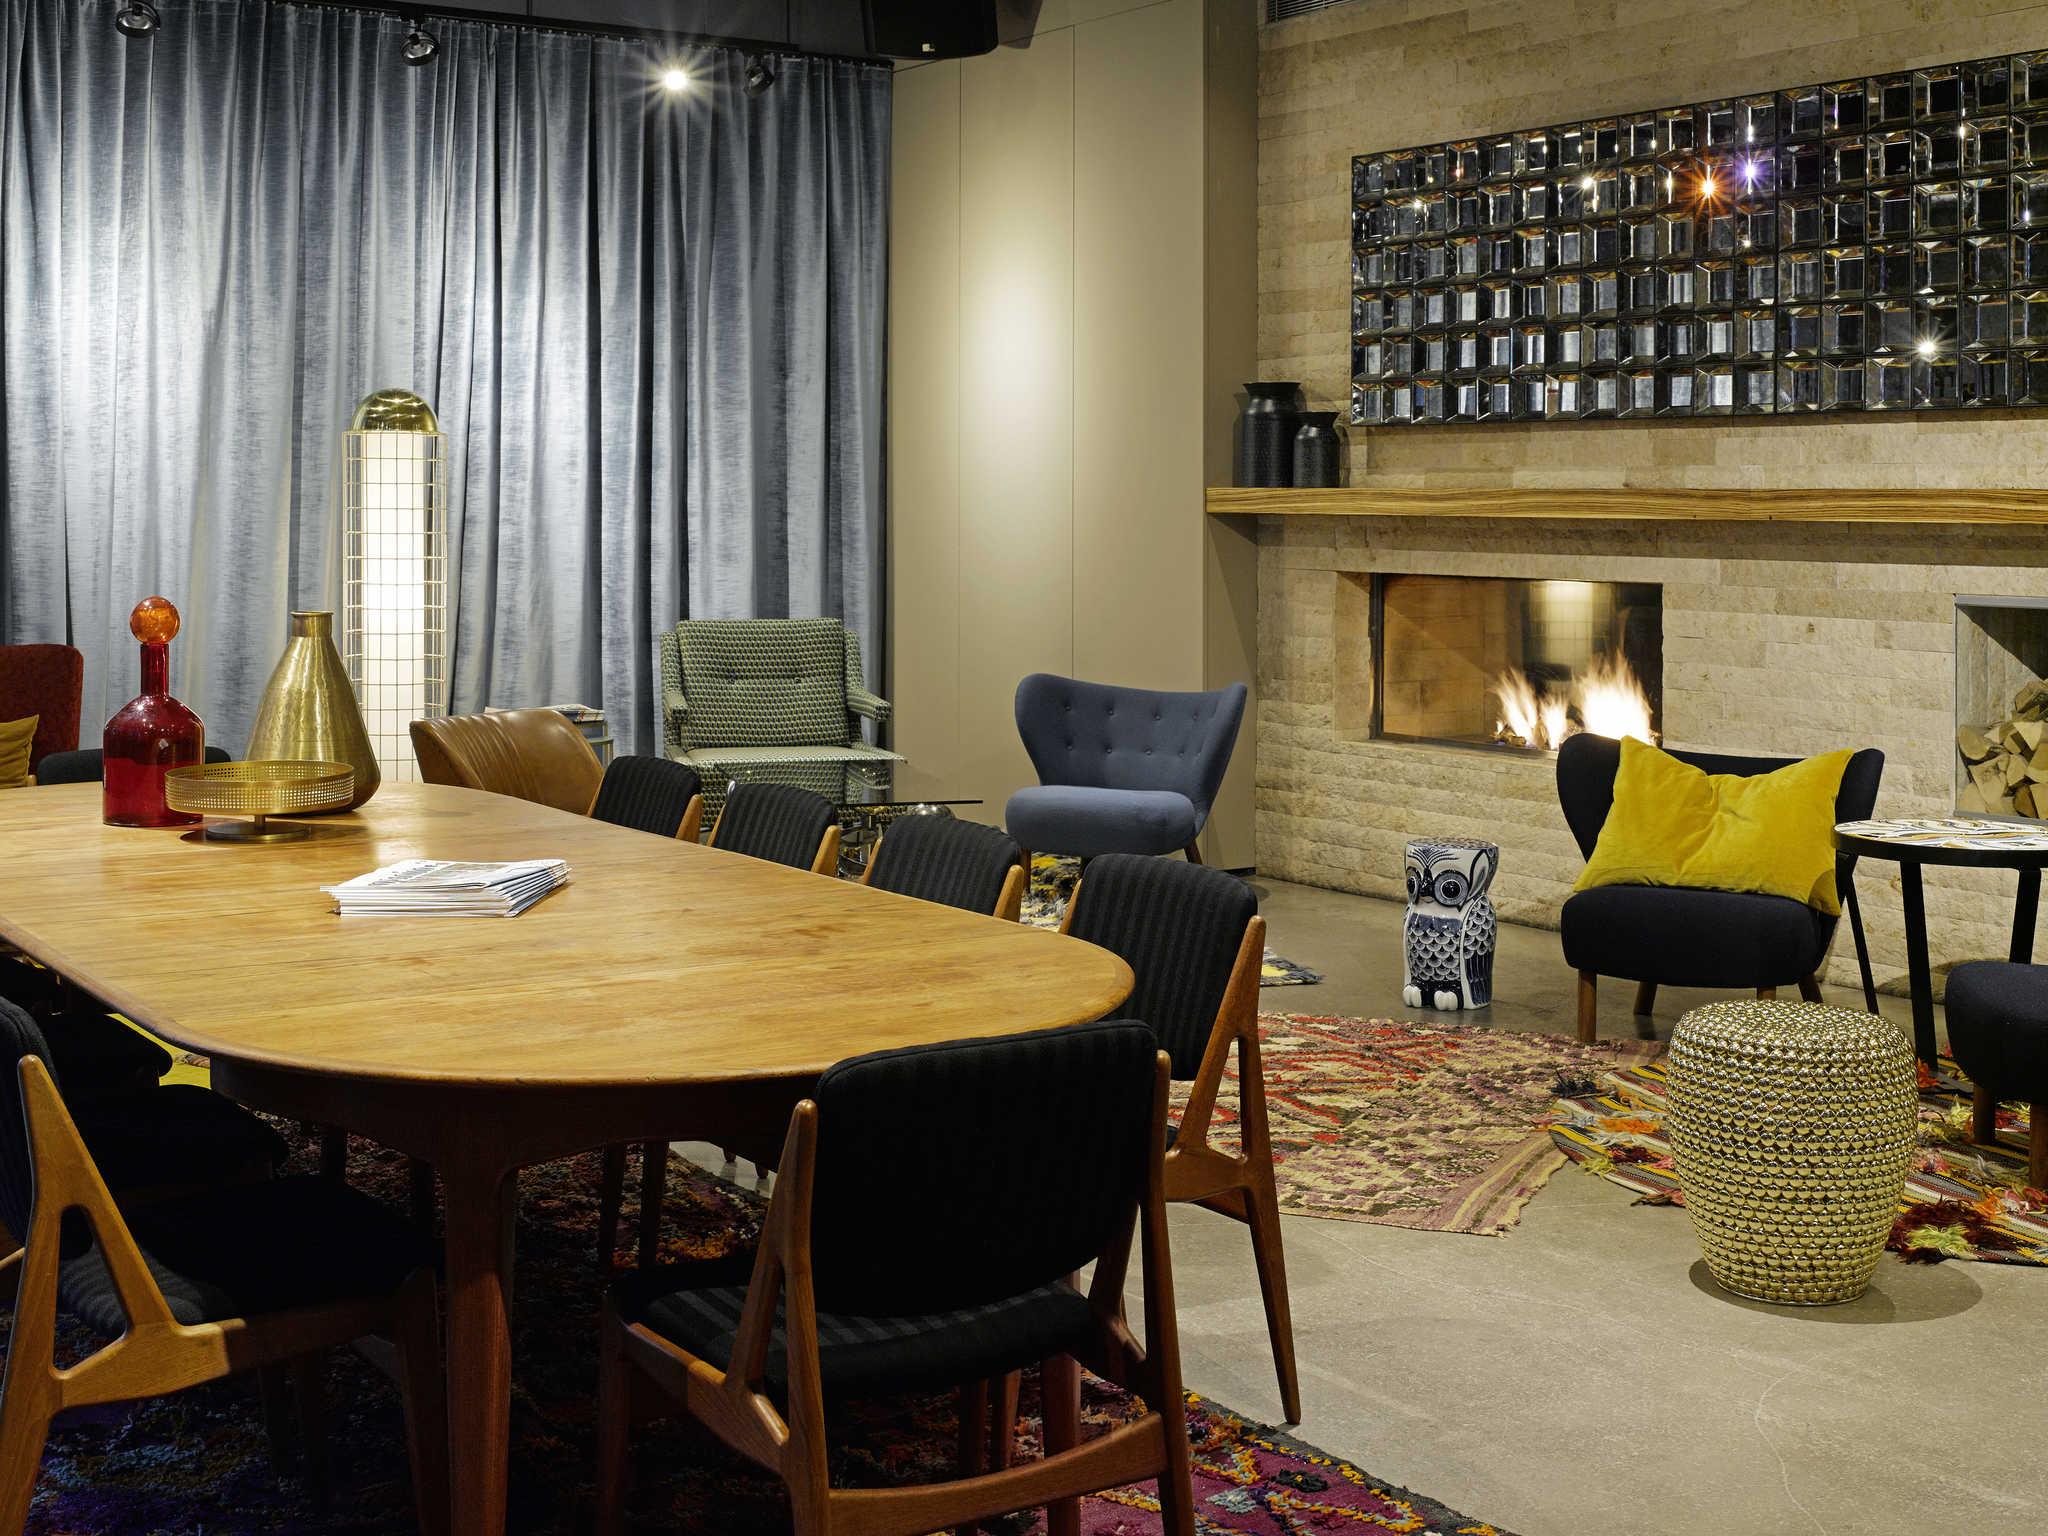 hotel en hamburgo 25hours hotel hamburg number one. Black Bedroom Furniture Sets. Home Design Ideas